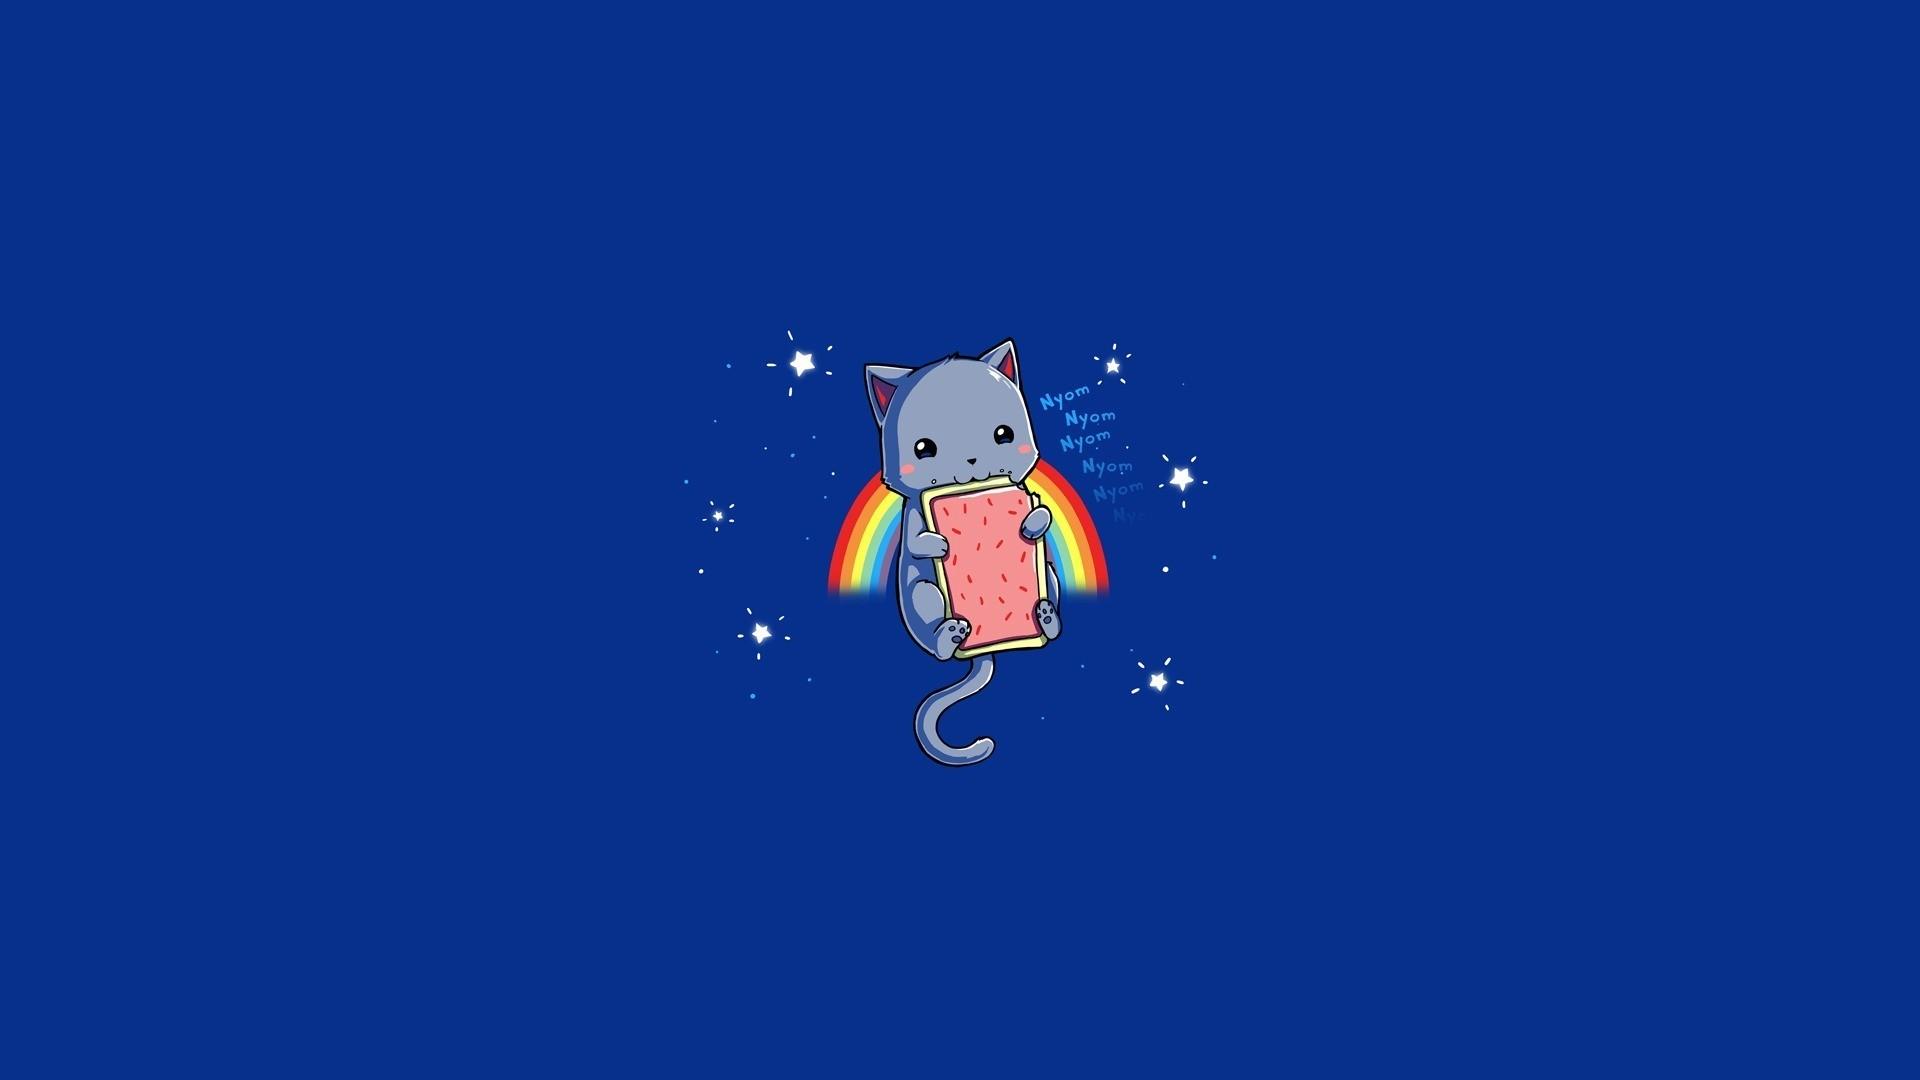 Cartoon – Nyan Cat Rainbow Blue Meme Wallpaper